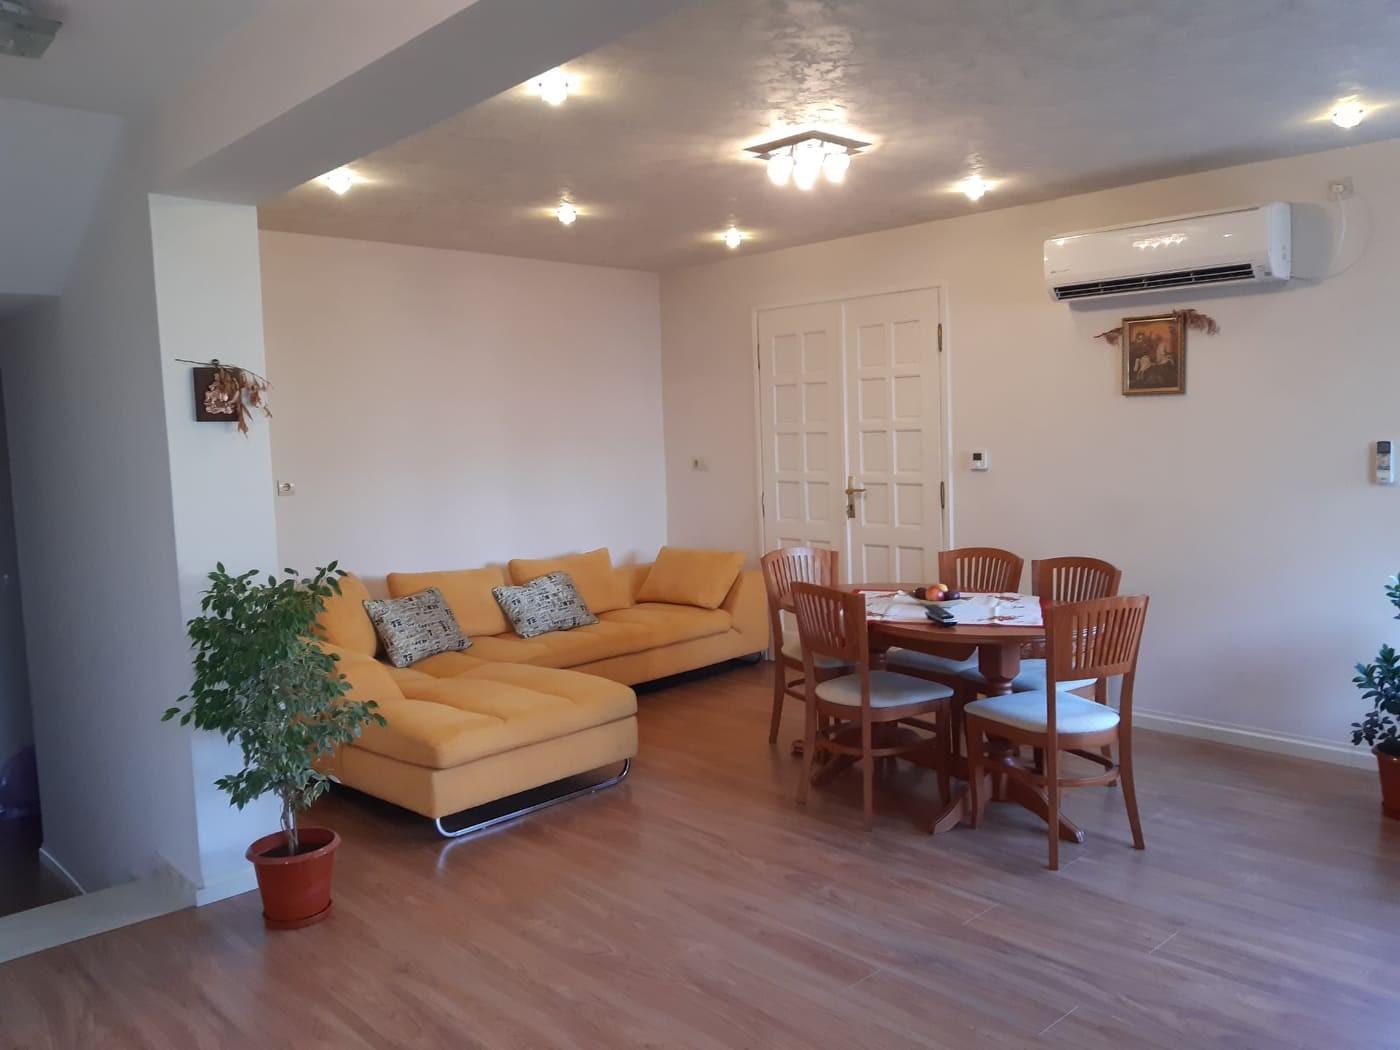 Четиристаен тухлен апартамент, приземен етаж, гараж, земя Пазарджик